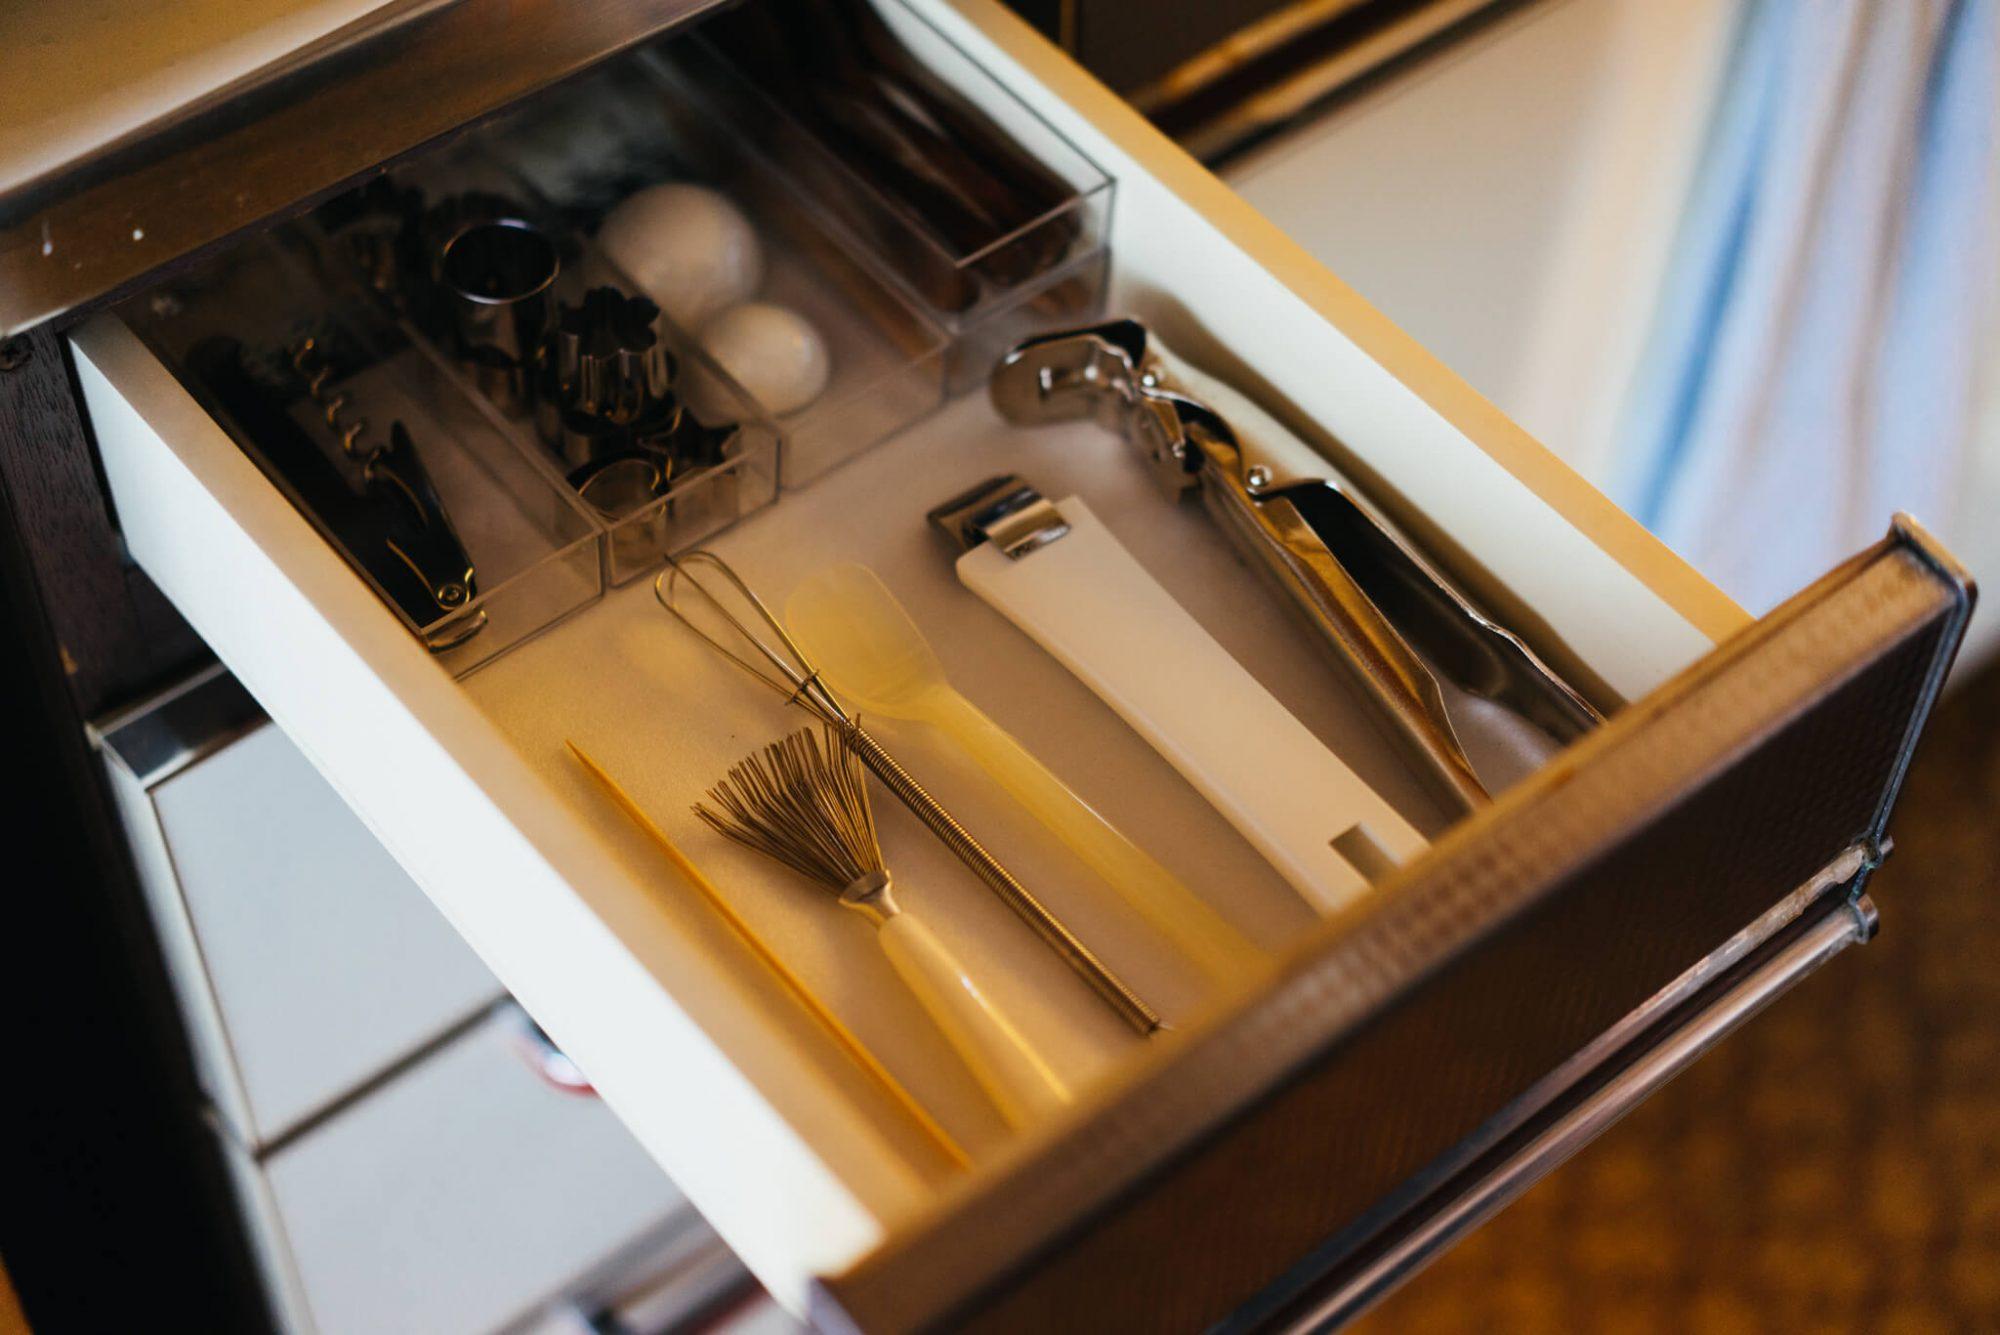 引き出しを何度開けても型抜き・お箸類もバラけにくく。事前にサイズを測っておくとデッドスペースが生まれるのを防げます。(このお部屋を見る)